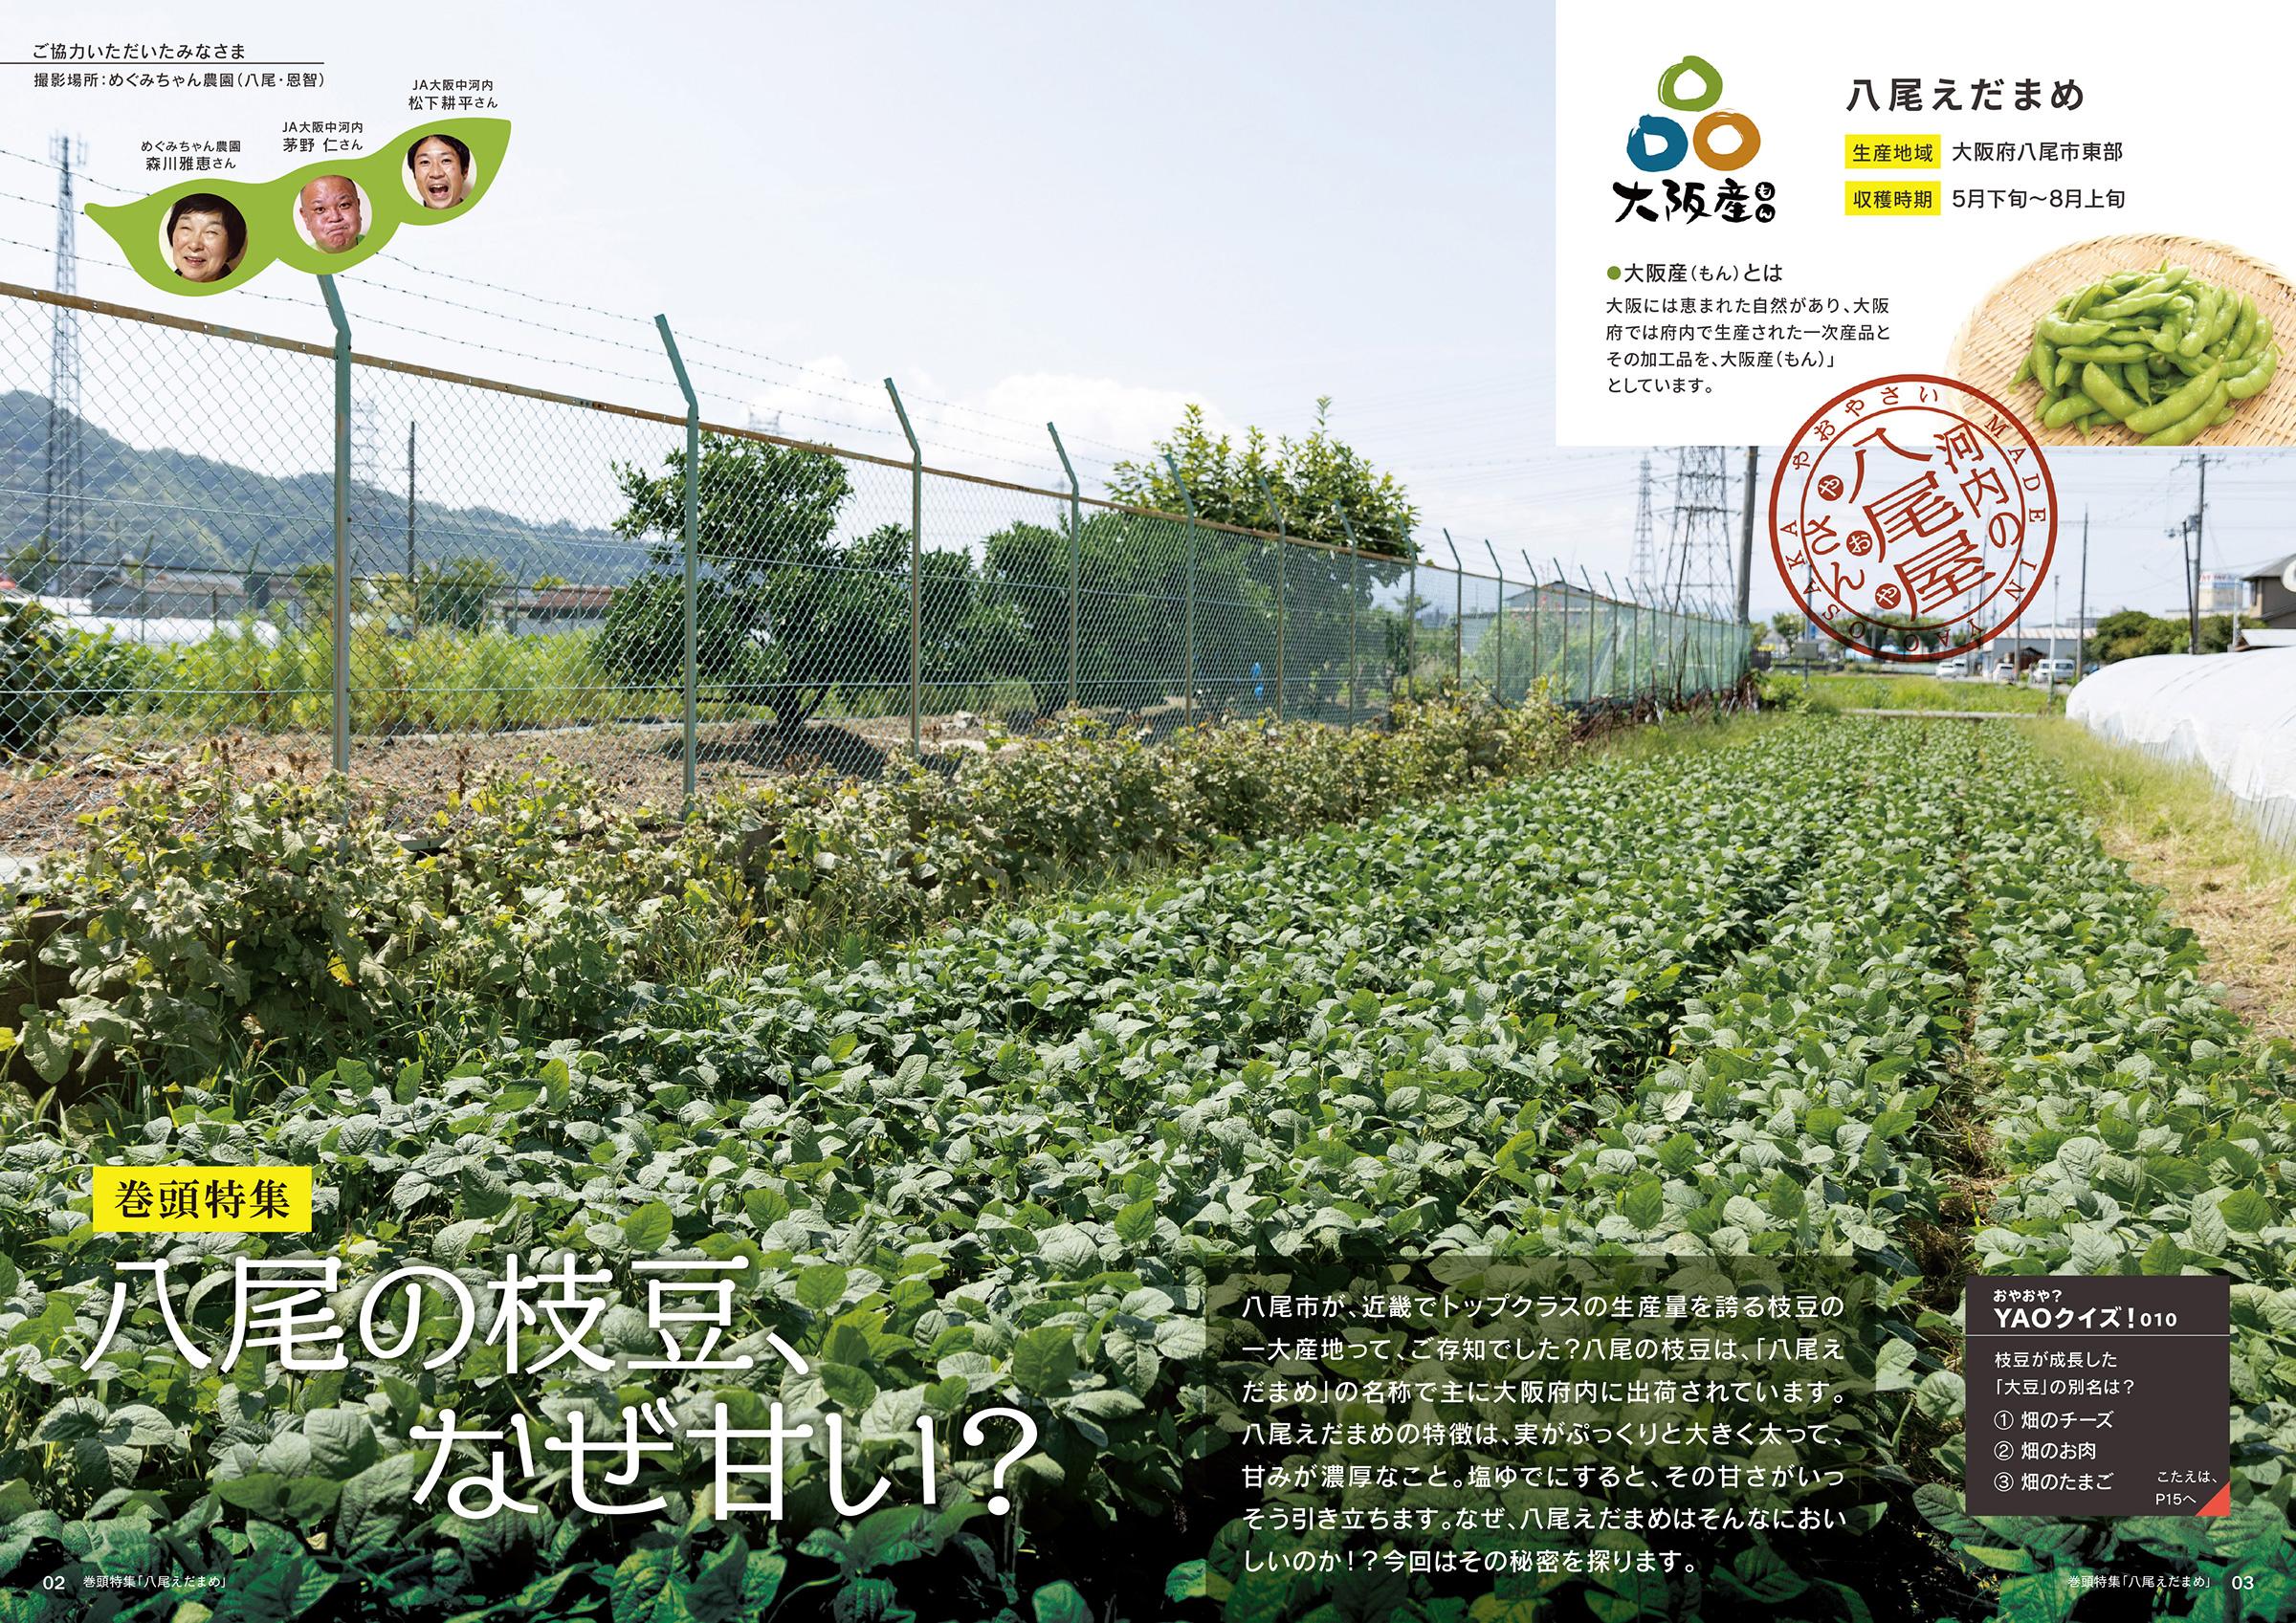 新Yaomania(シン・ヤオマニア)夏号|2020.7.31 八尾えだまめ特集(大阪府八尾市)